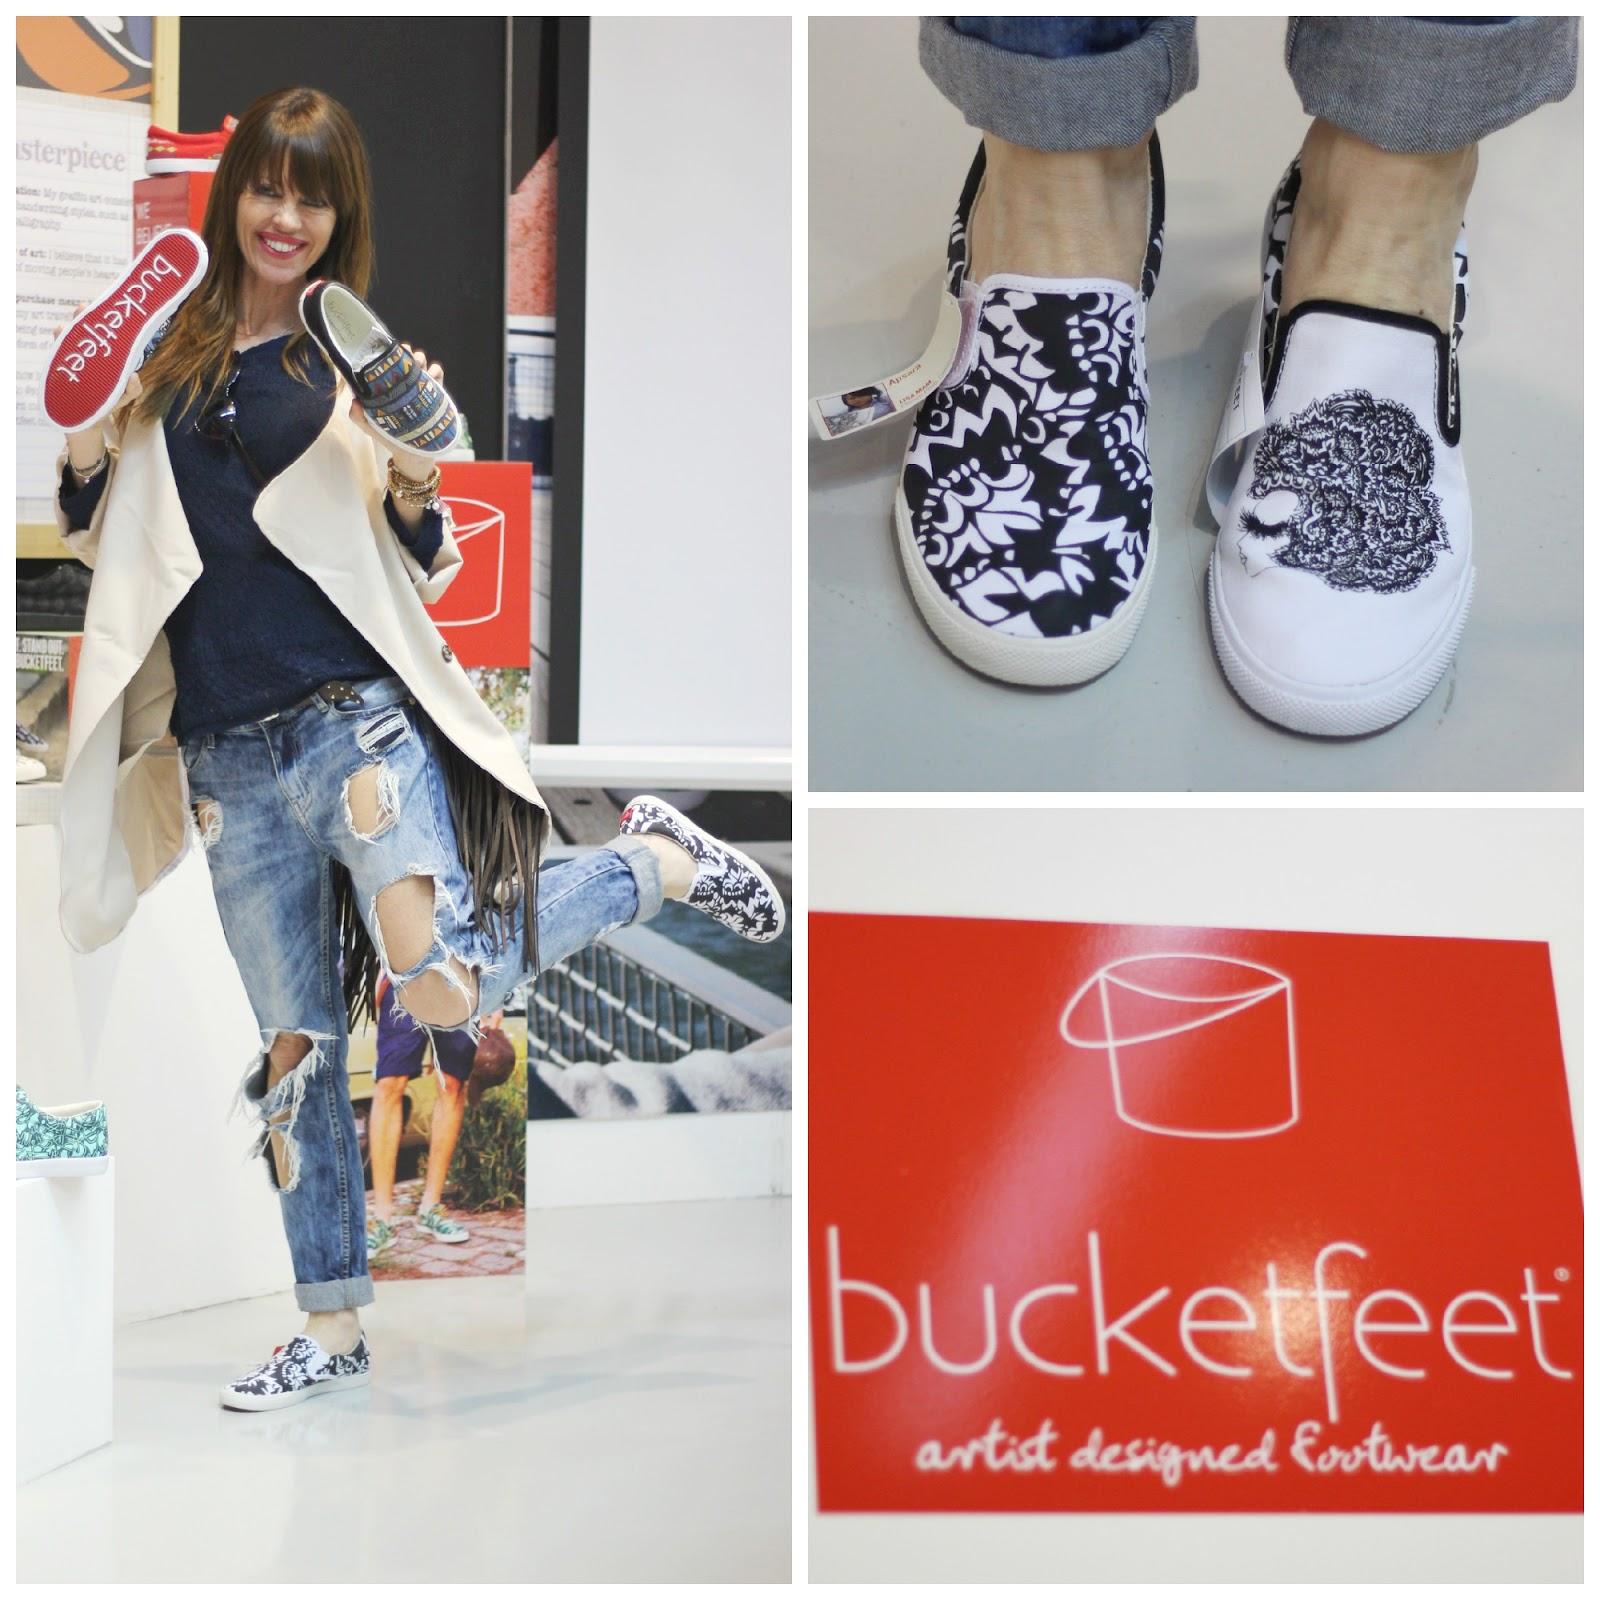 Bucketfeet - Zapatillas diseñadas por artistas - Suela roja - Evento Blogger - Elche